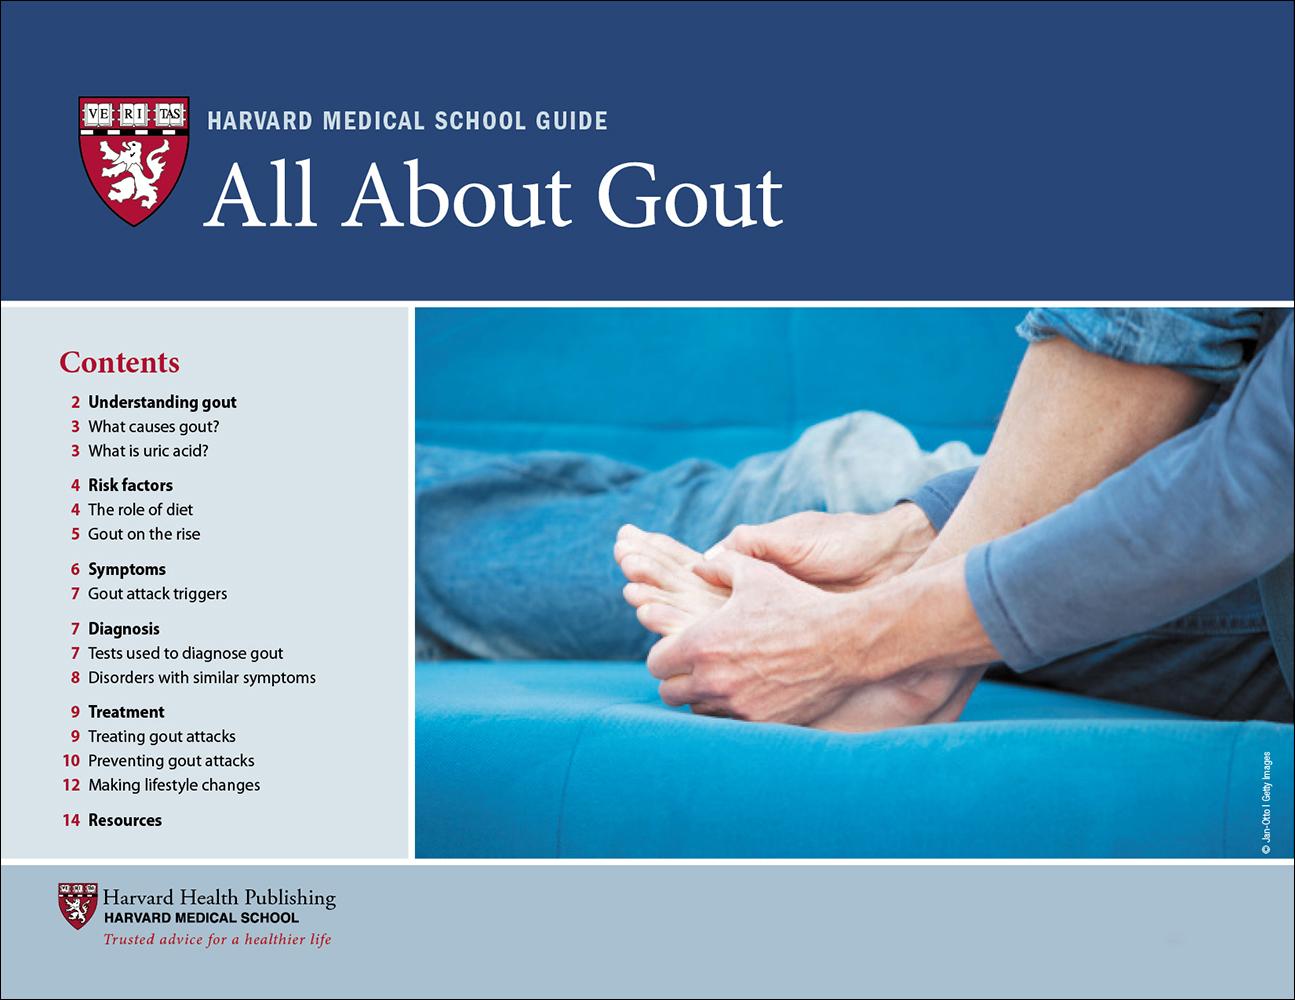 Gout_Gout1018